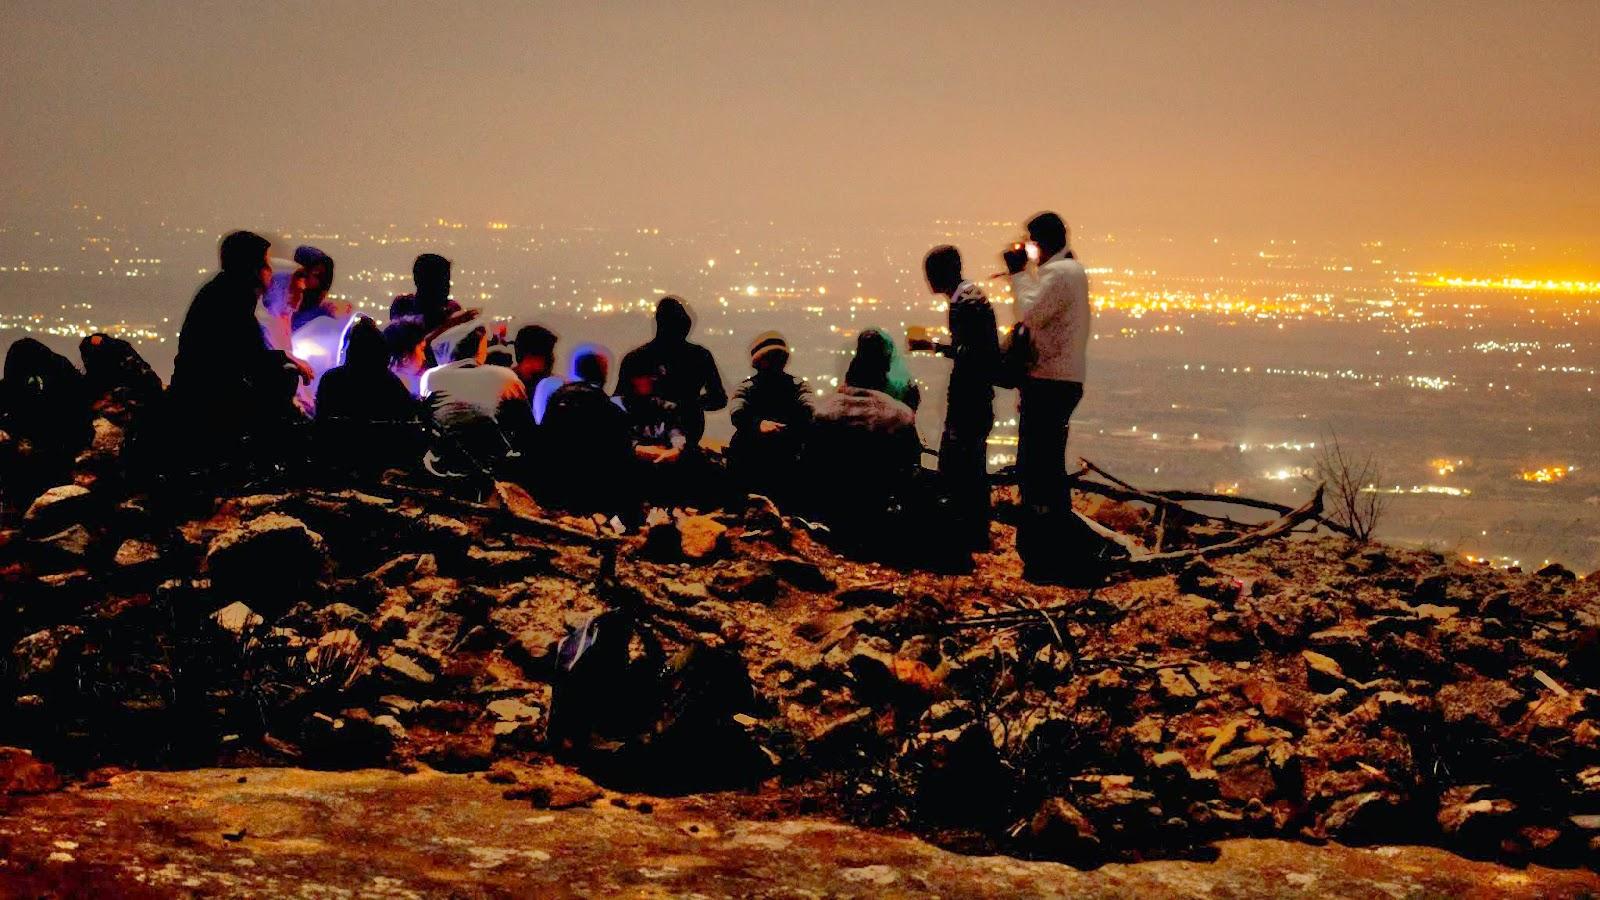 PunjabKesari, Bangalore Image, Nightlife Image